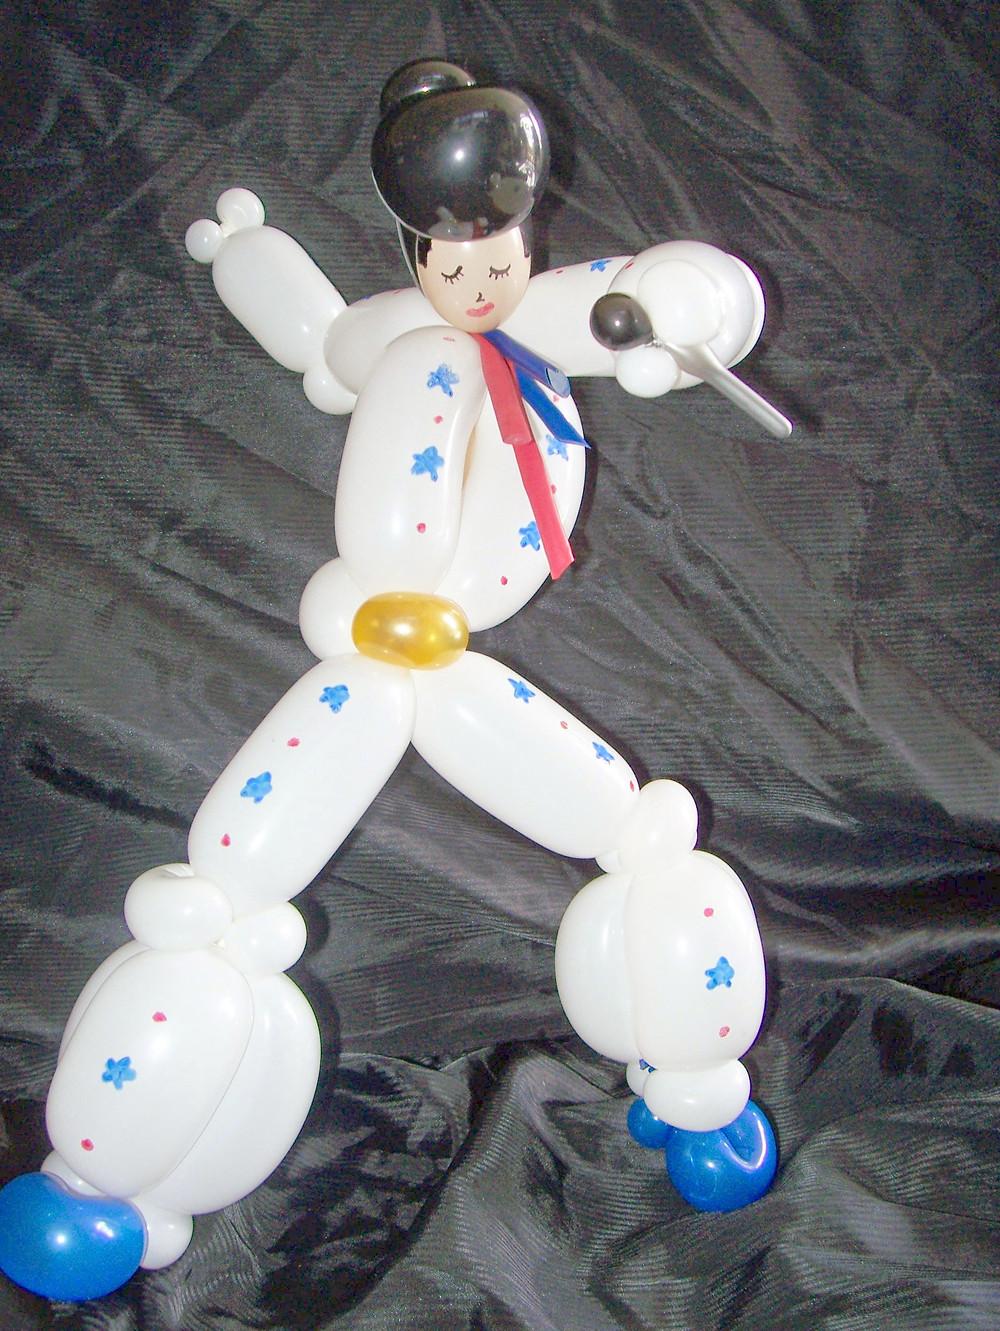 Elvis Balloon sculpture in Denver